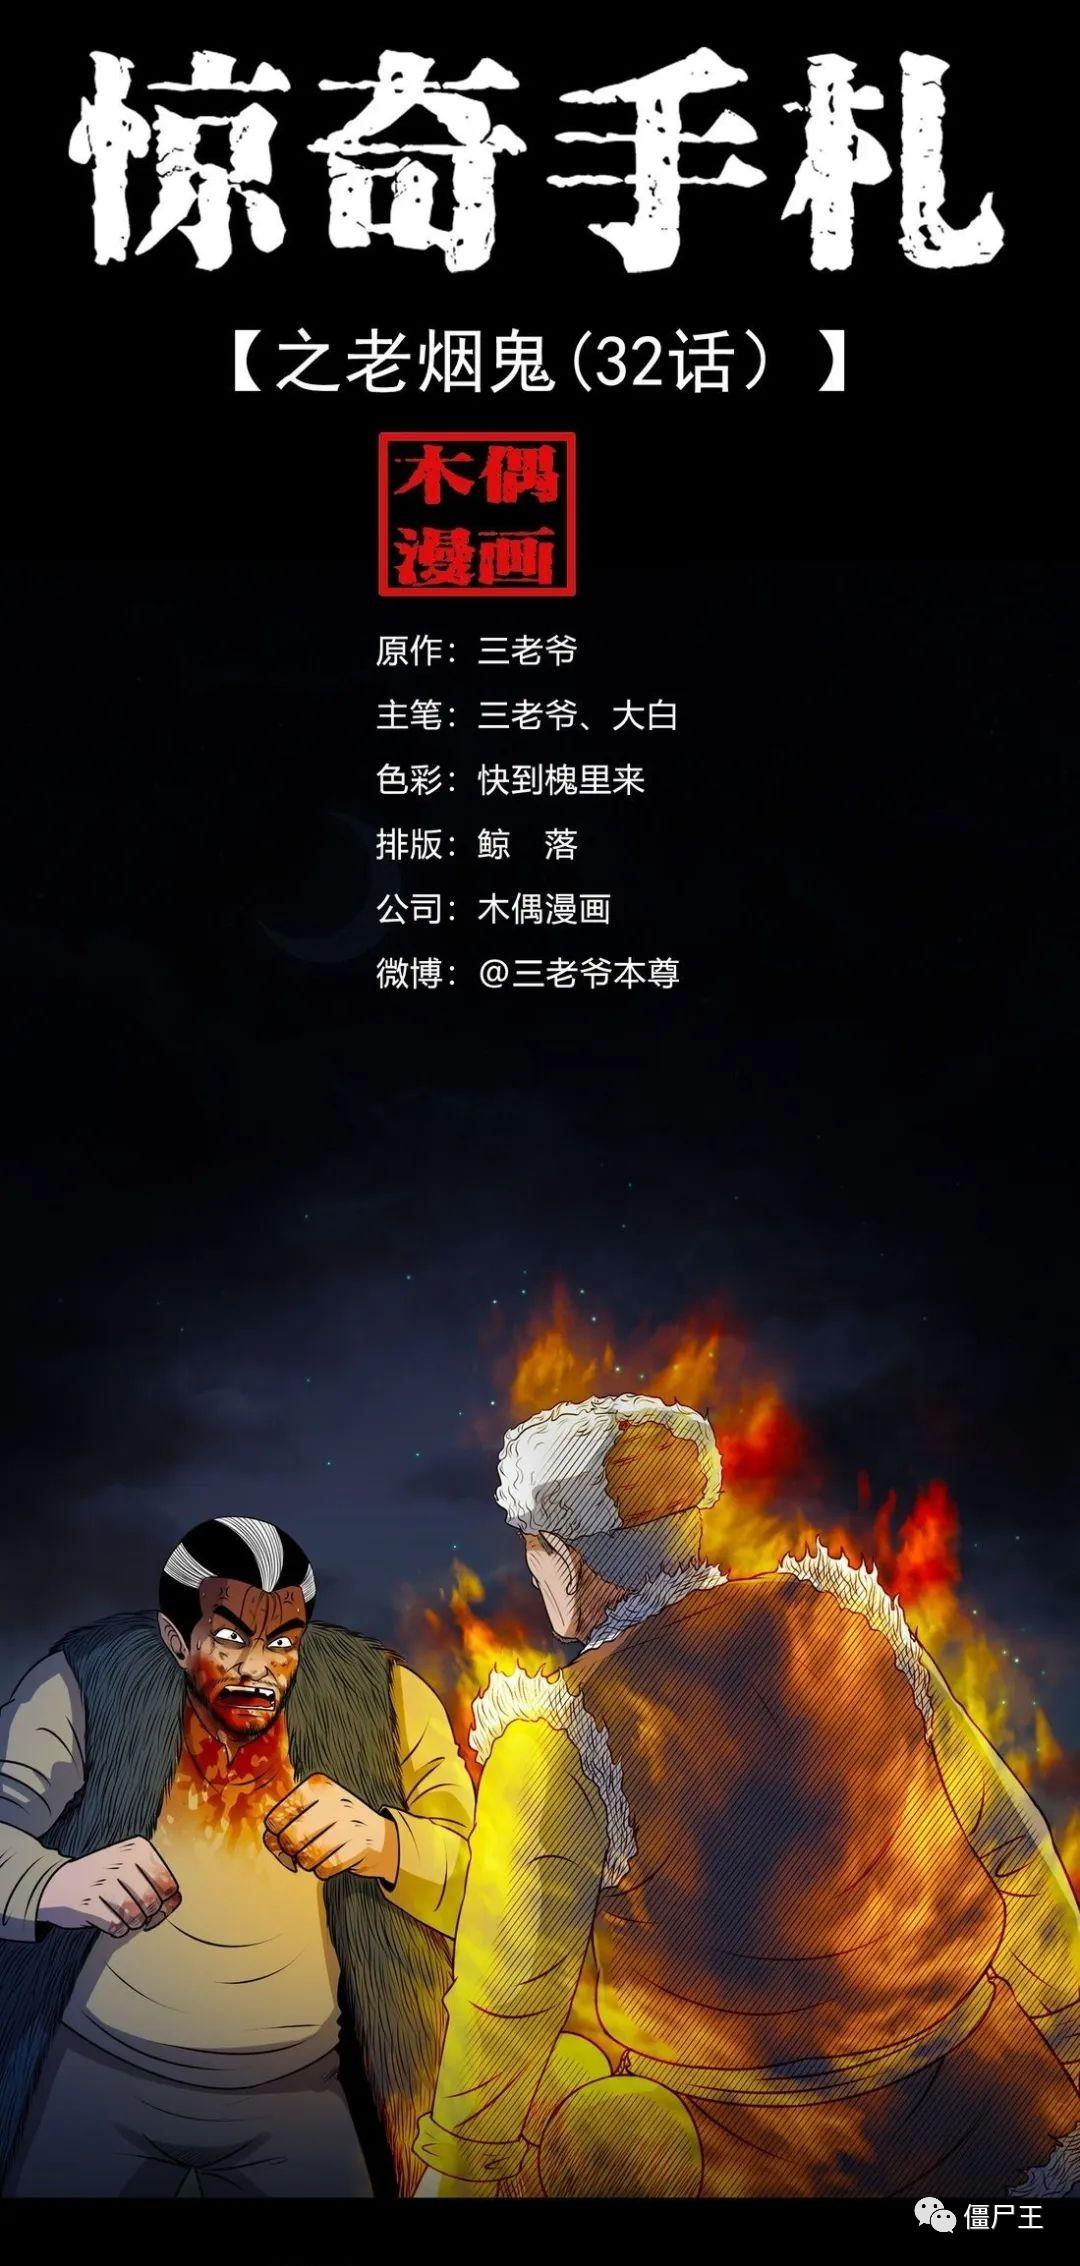 僵尸王漫画:惊奇手札之老烟鬼(三十二)